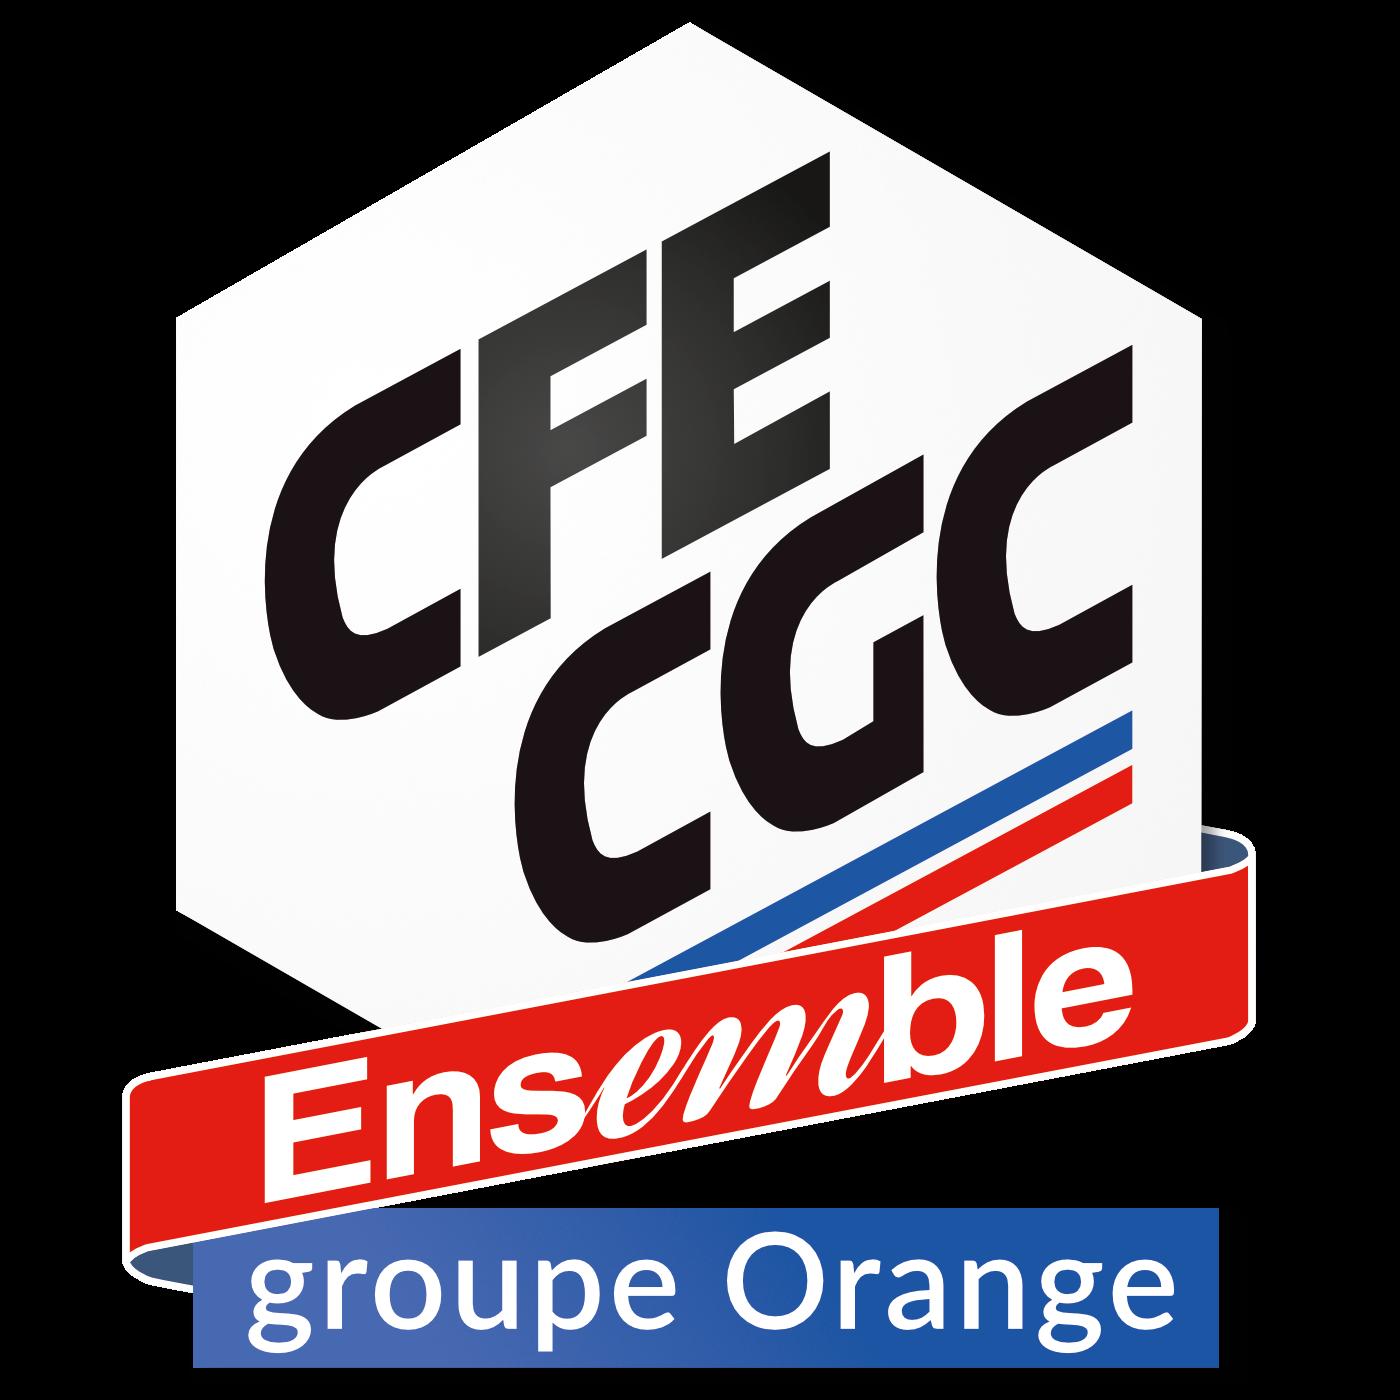 CFE-CGC groupe Orange